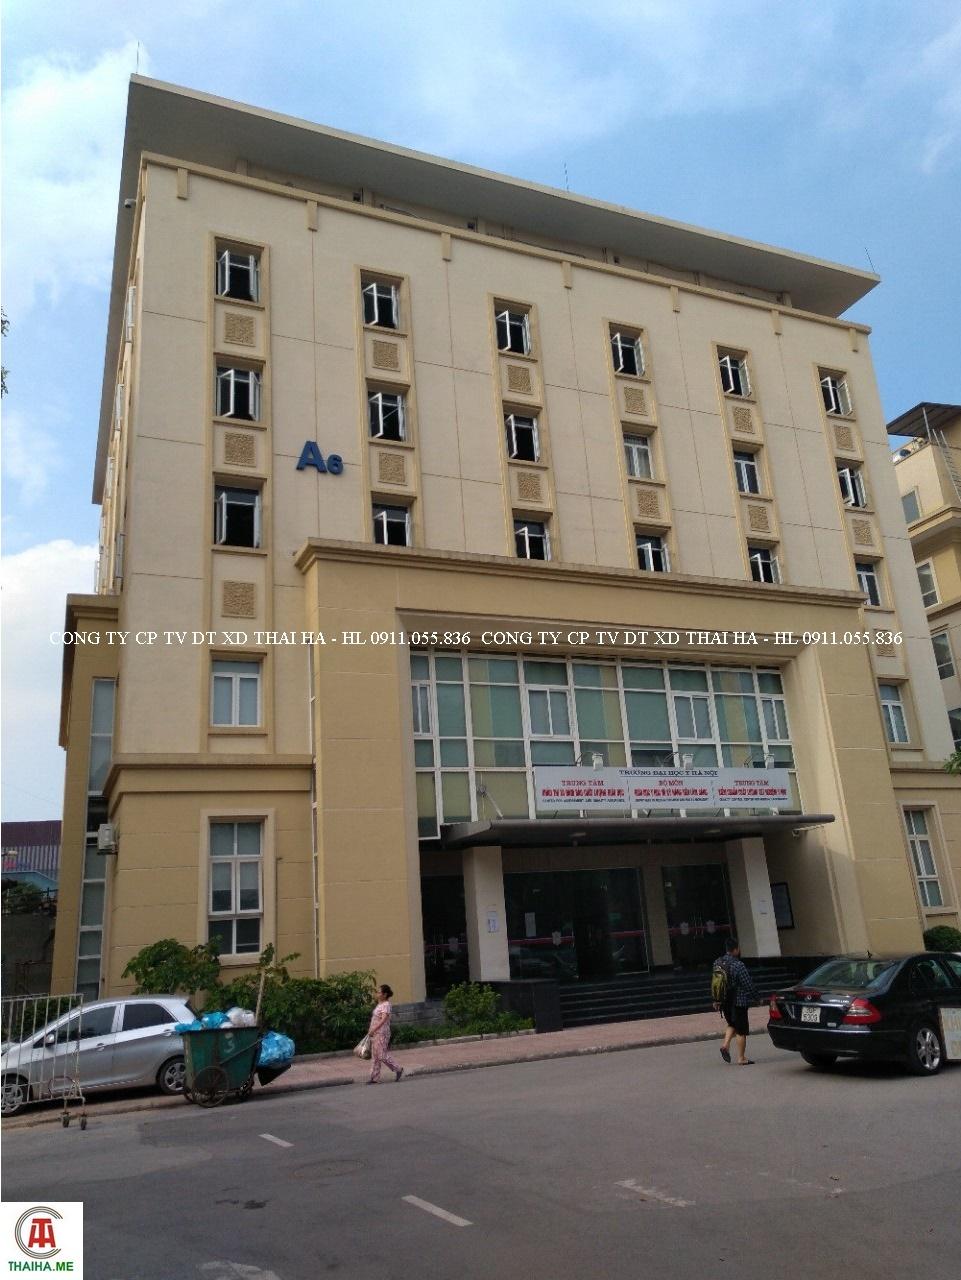 Nhà A6 Đại học Y Hà Nội